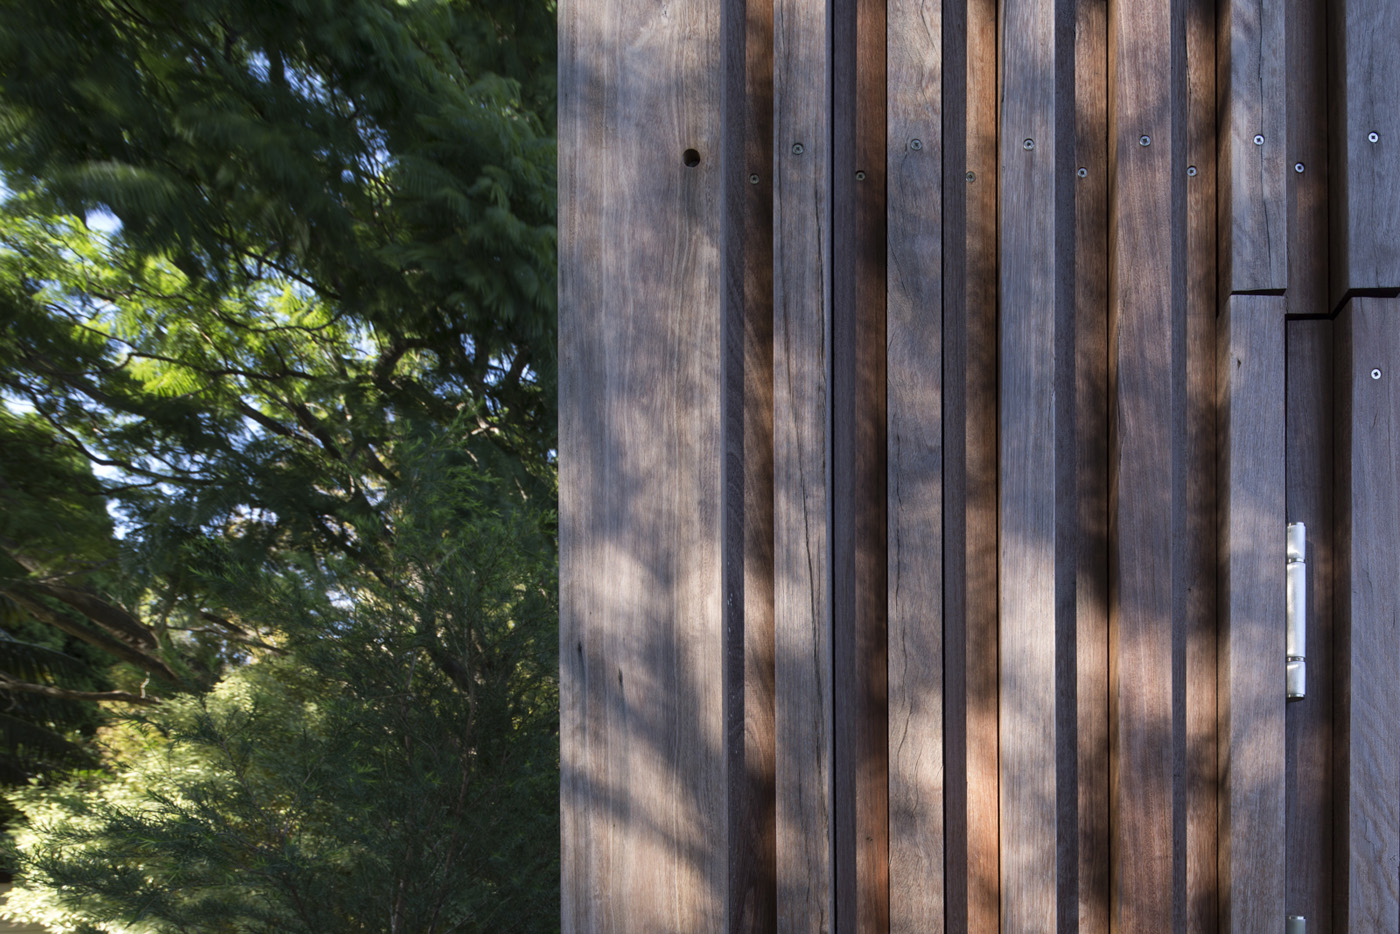 St James Park Amenities, wooden detaiil.